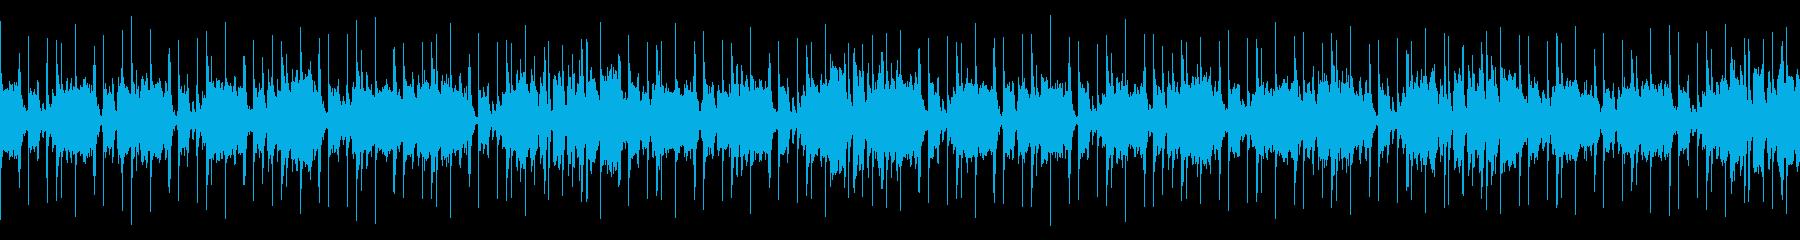 軽快な16ビートのブルースBGMの再生済みの波形